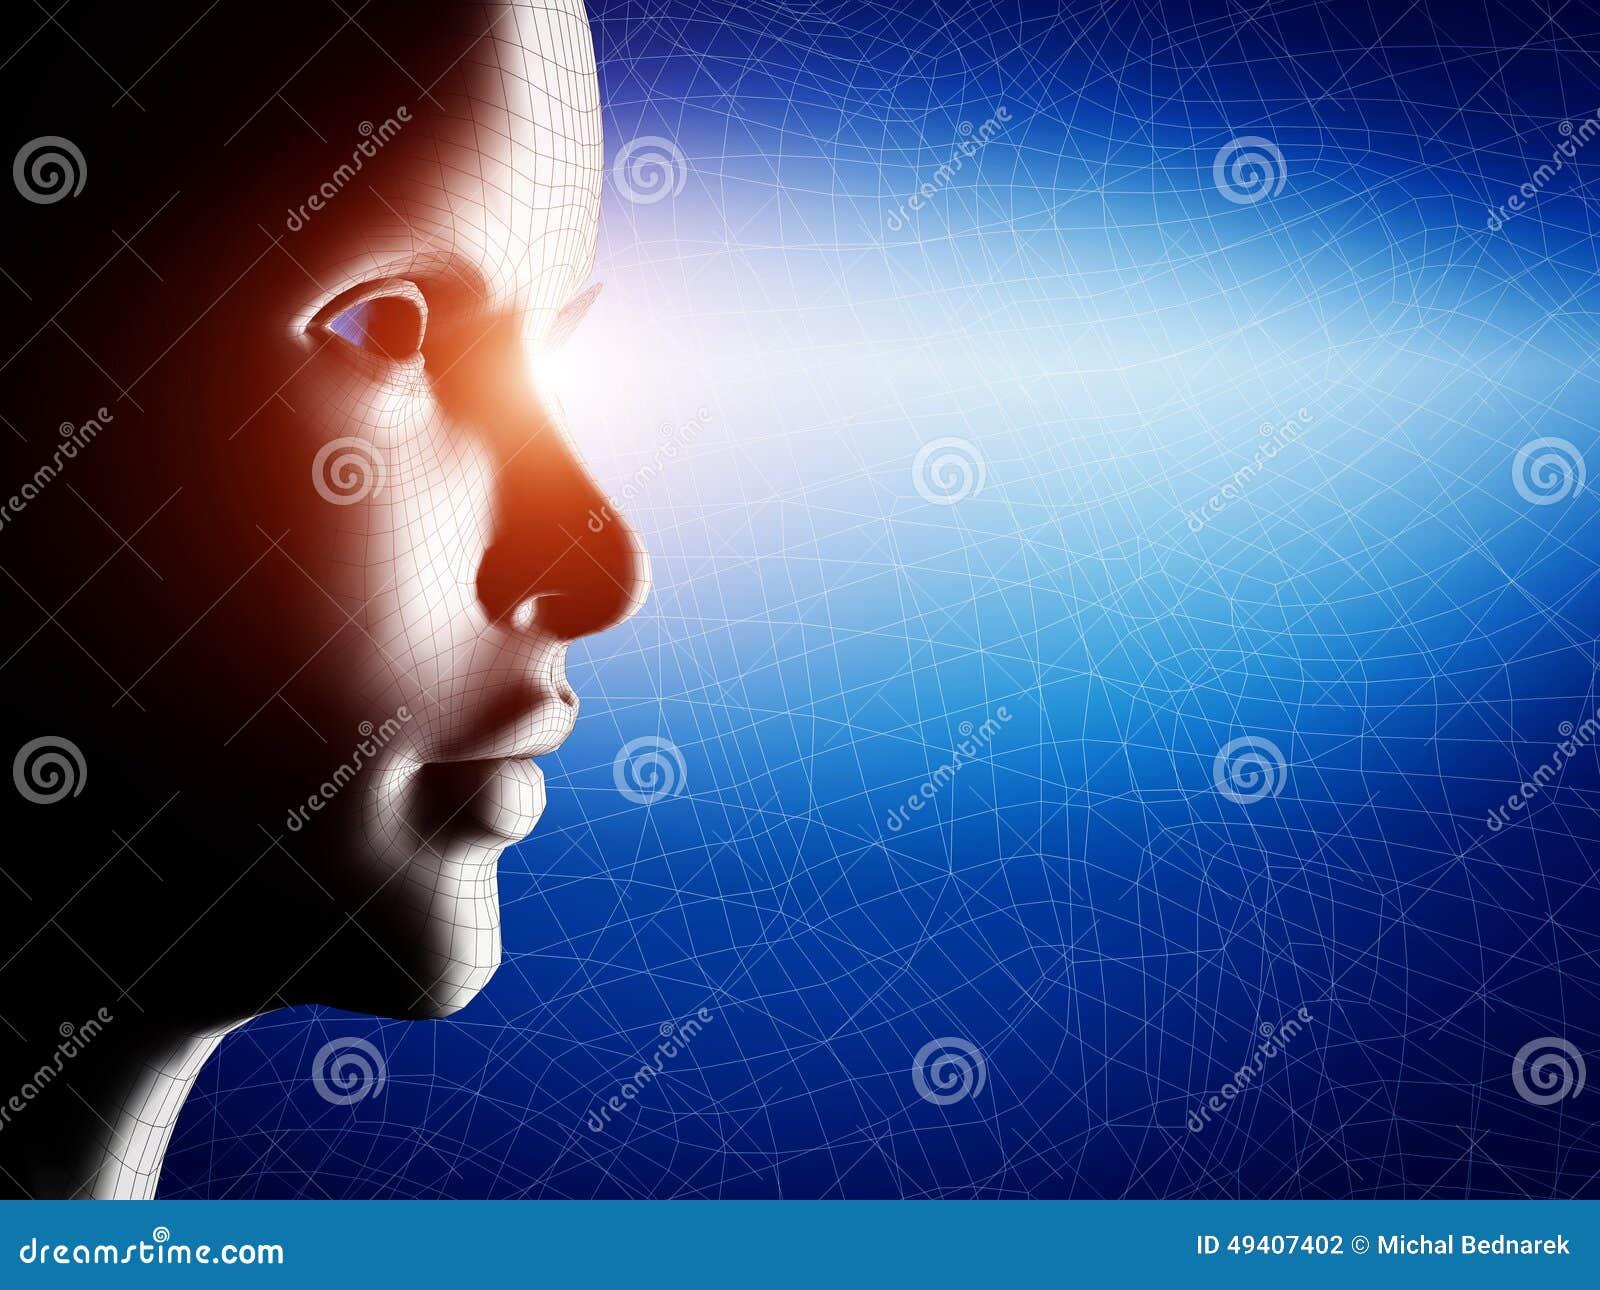 Download Digital, Wireframe Menschliches Profil-Gesichtsporträt Stock Abbildung - Illustration von erfindung, konzept: 49407402